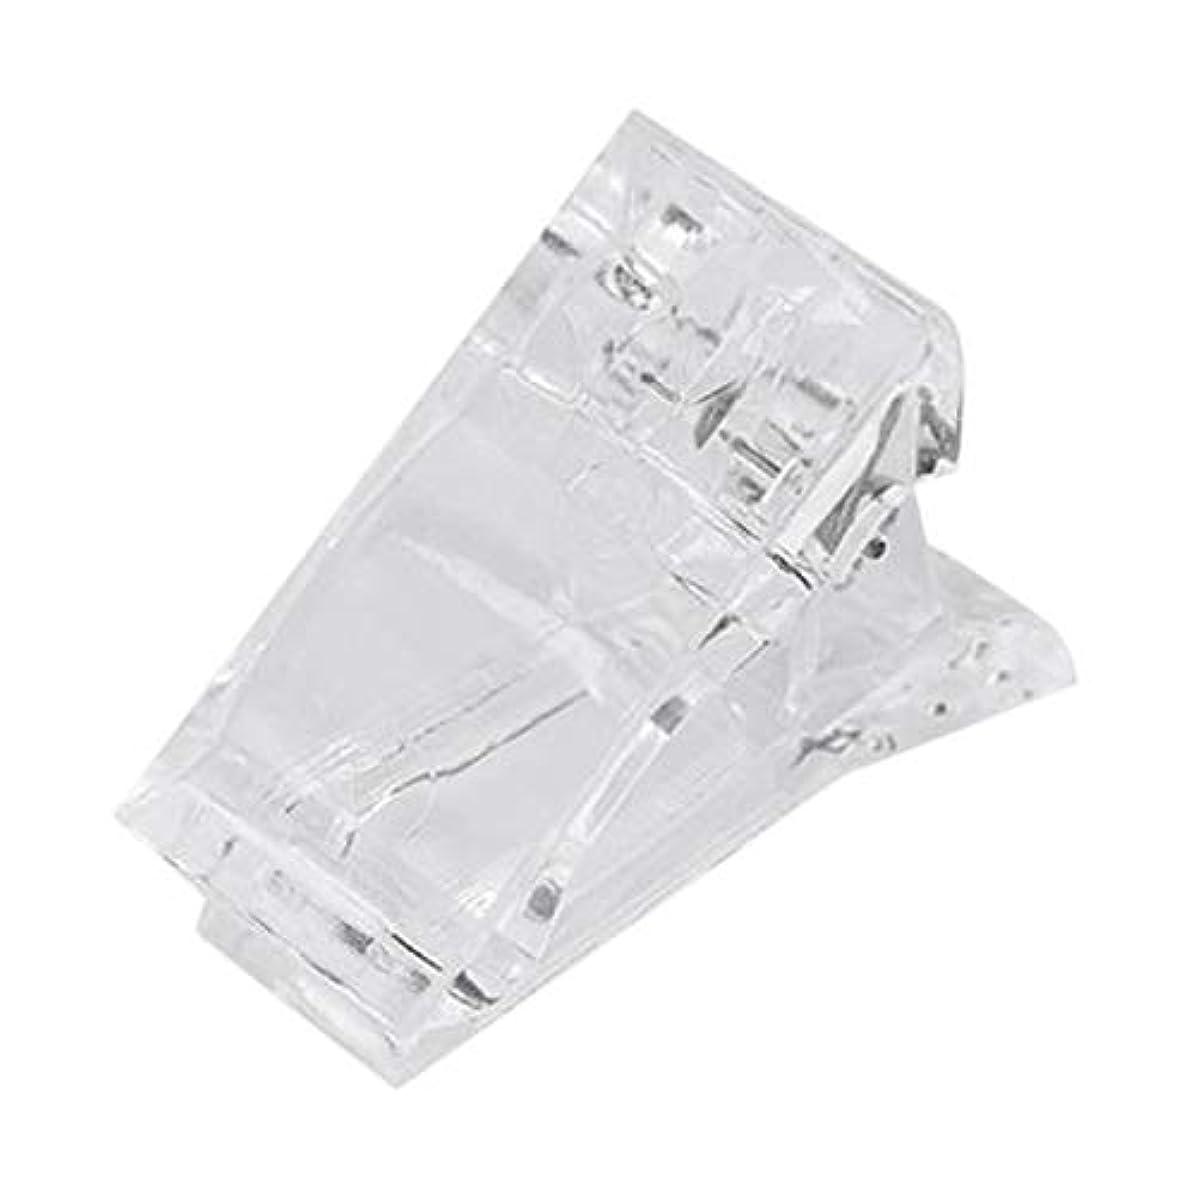 急いで織るリスGaoominy ネイルのクリップ 透明指ポリクイック ビルディングジェルエクステンション ネイルアート マニキュアツール アクセサリー 偽ネイル